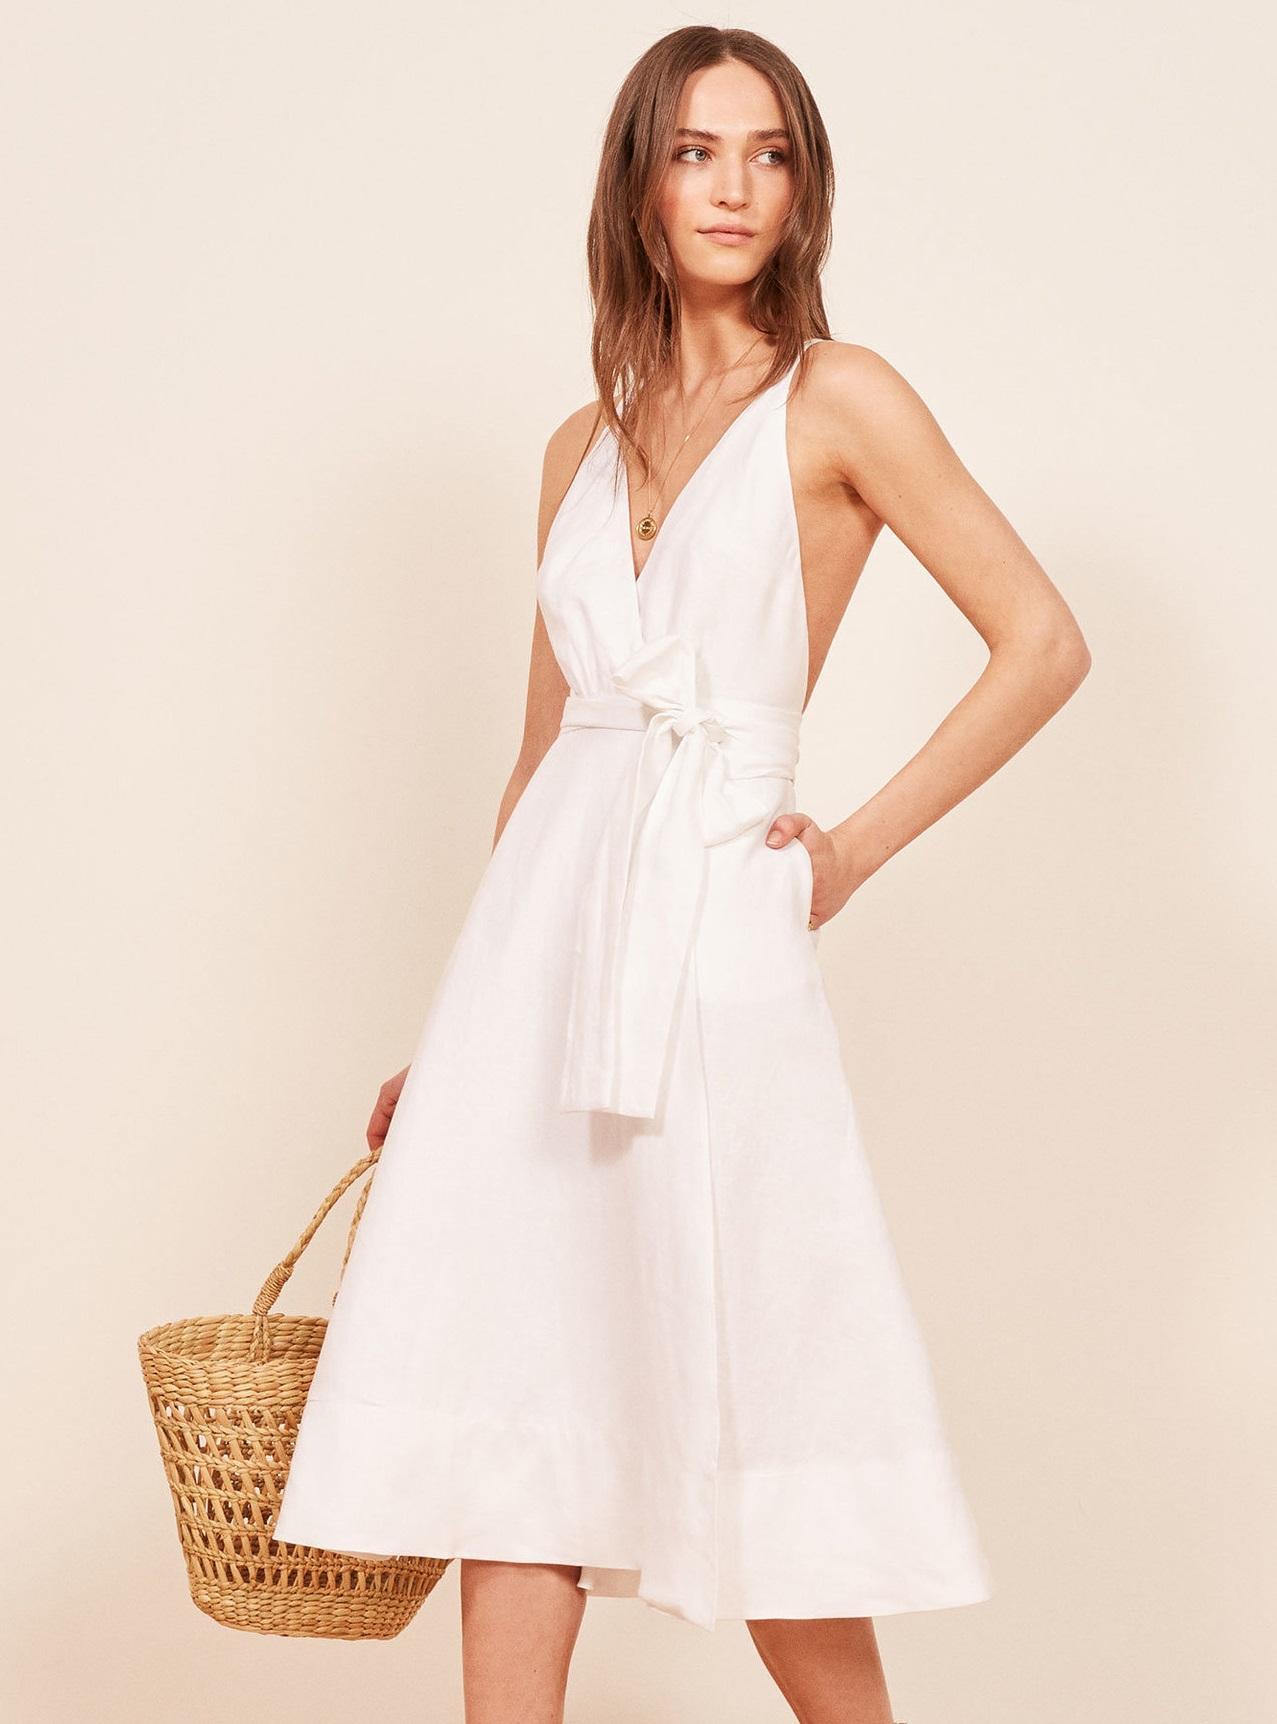 les robes de mari e moins de 500 euros n ont jamais t